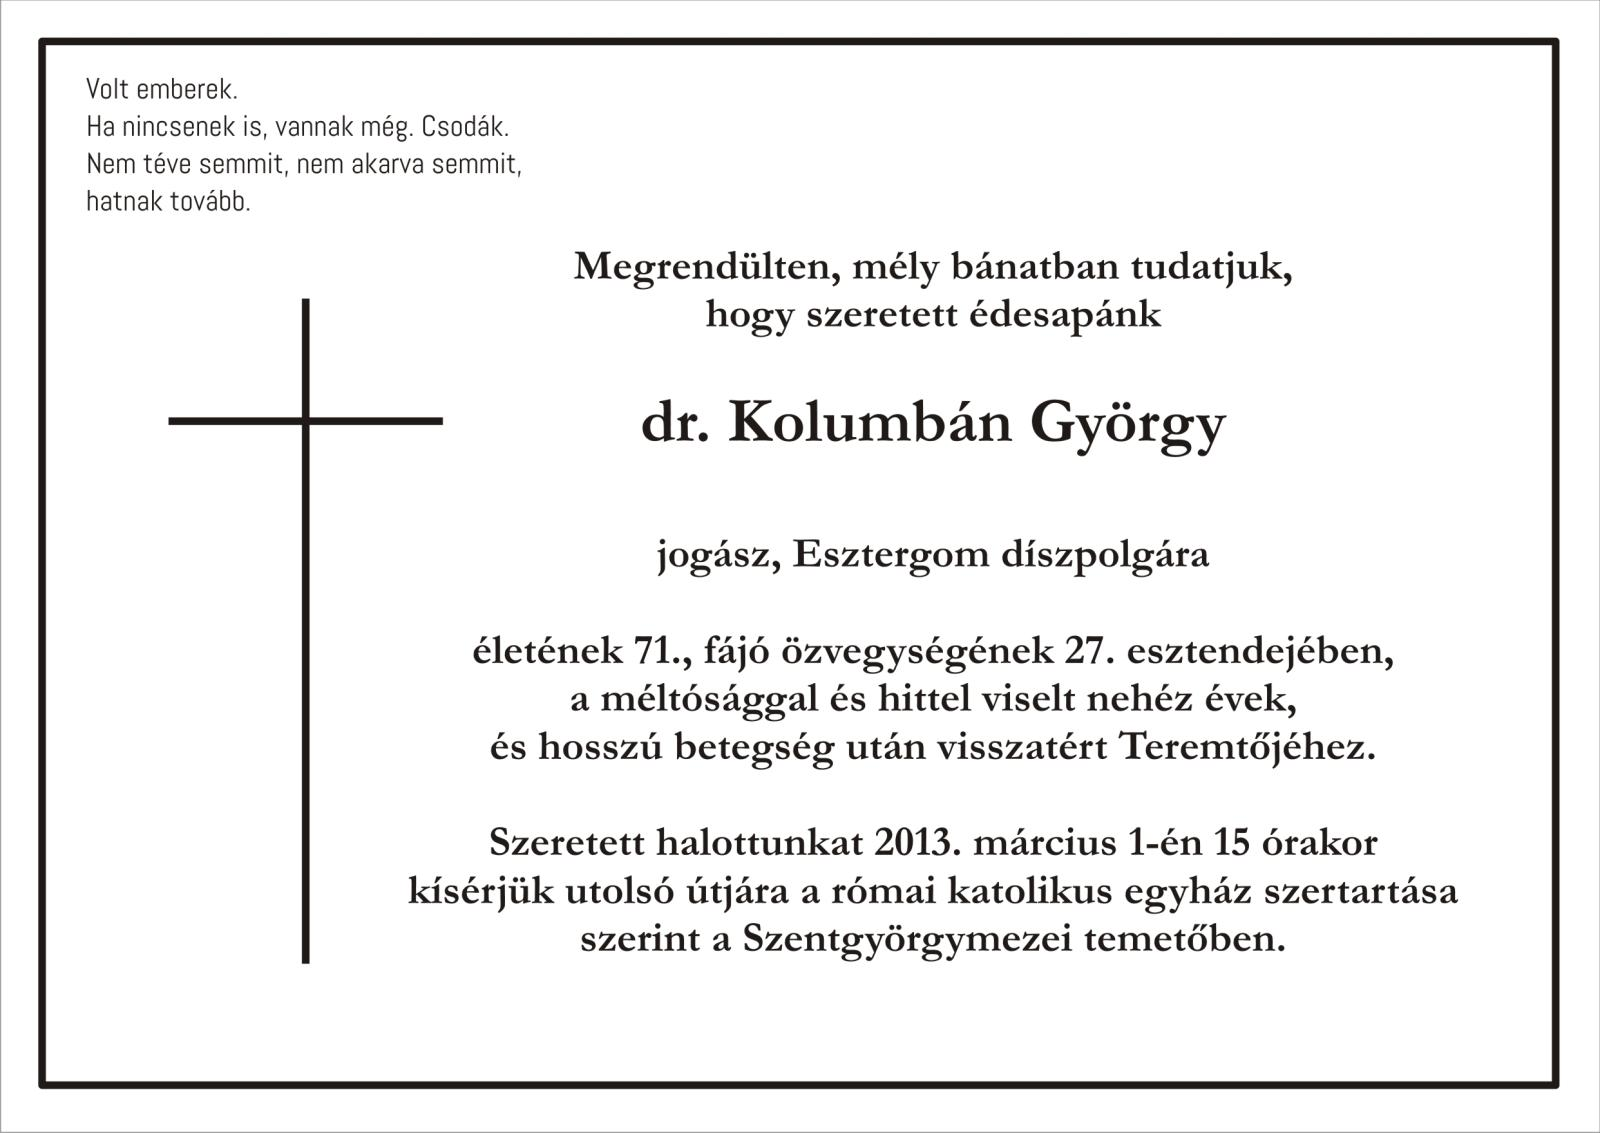 Elhunyt dr. Kolumbán György, Esztergom díszpolgára